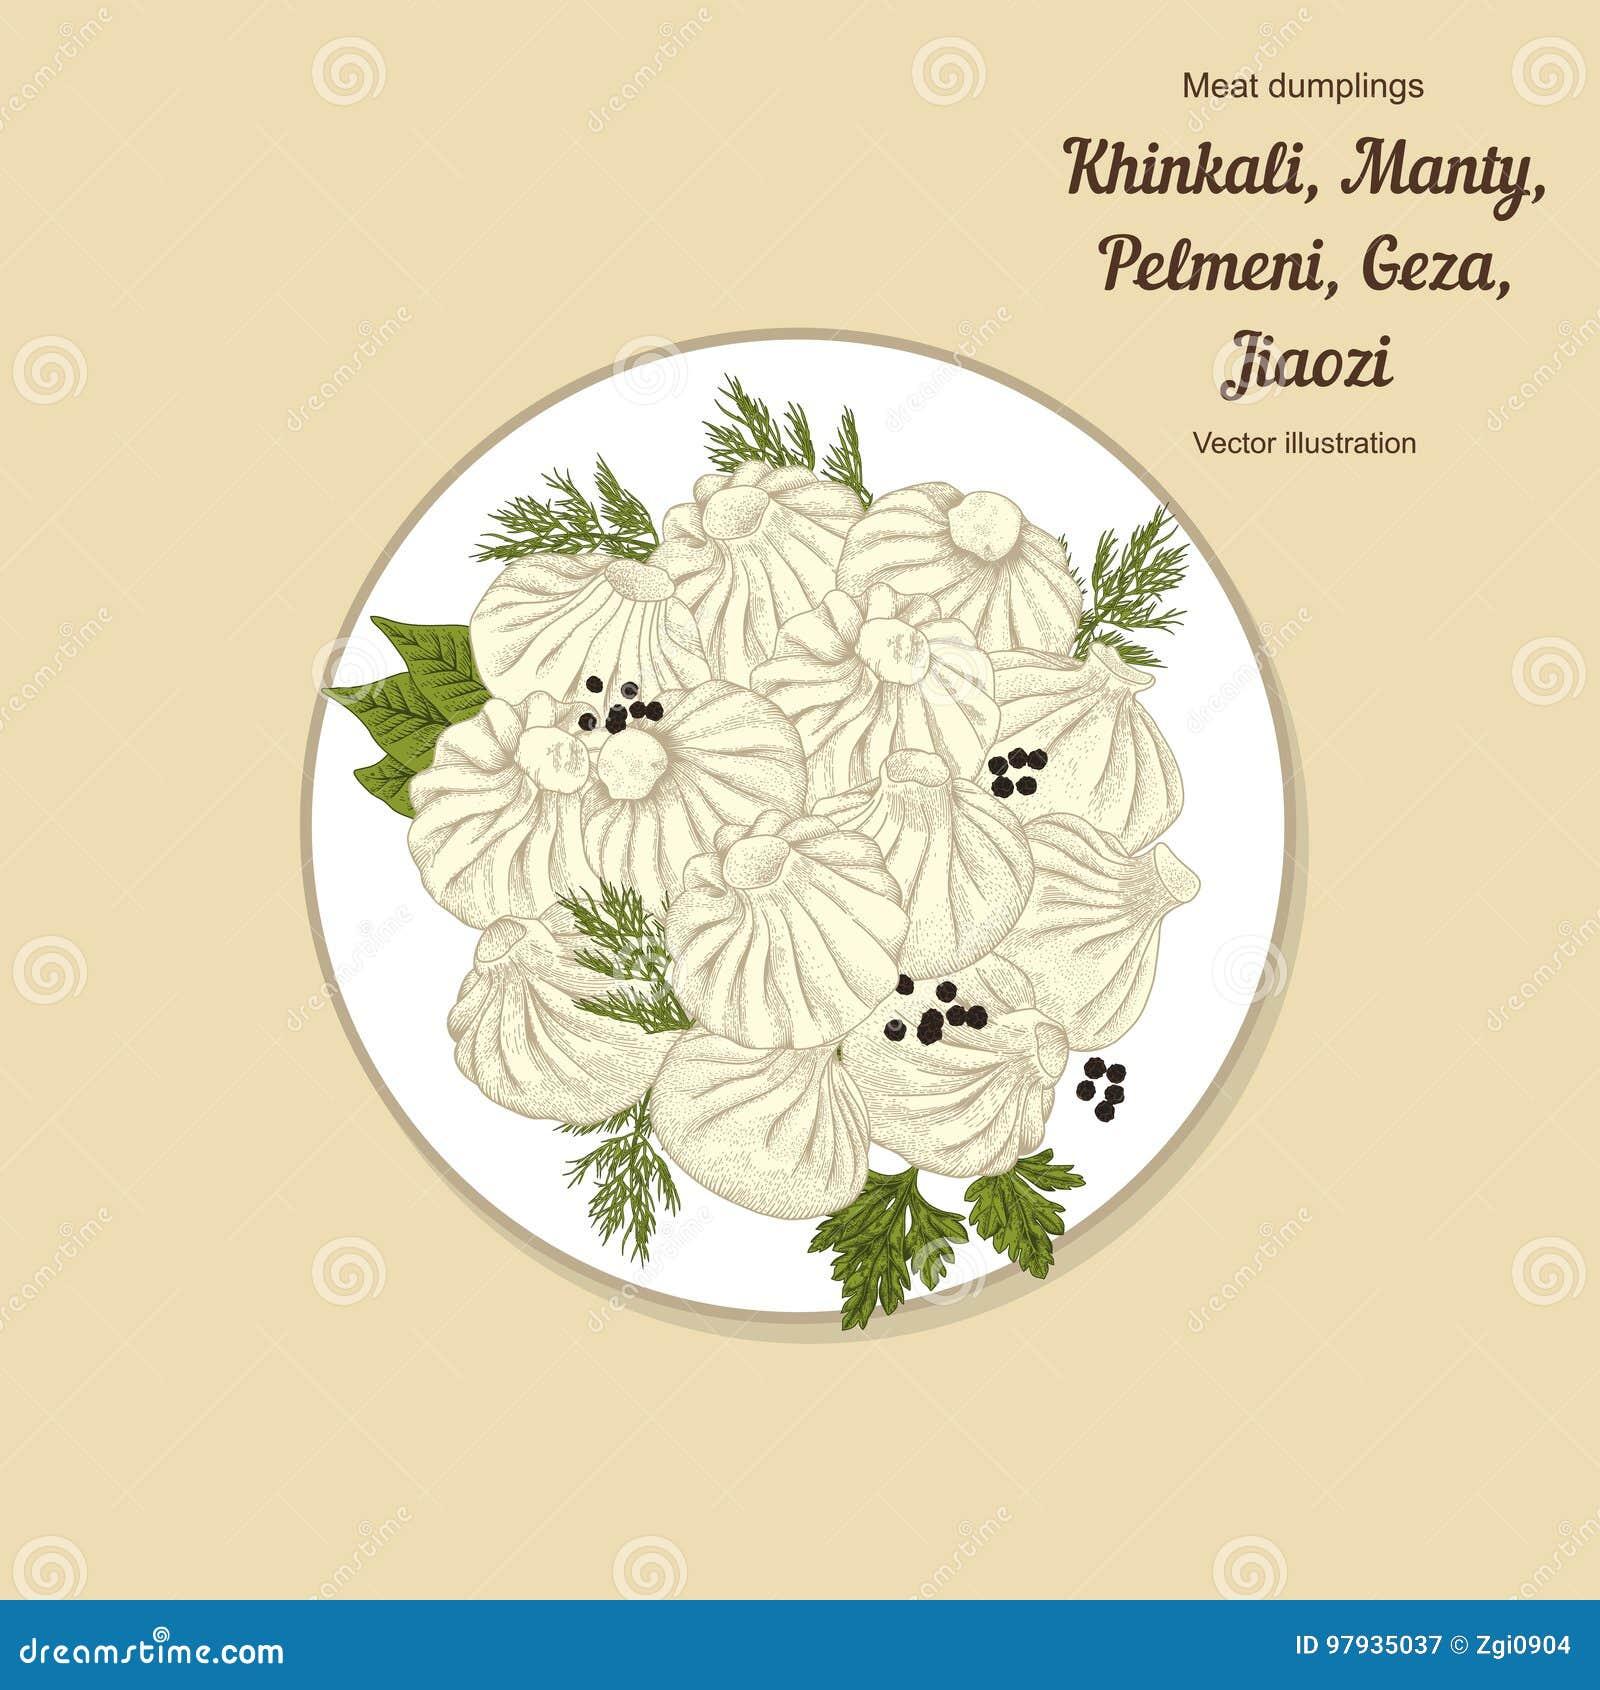 Kinkali, manti, bollen Geza, Jiaozi Pelmeni Russische pelmeni op een plaat Voedsel Pelmeni Russische pelmeni op een plaat Voedsel